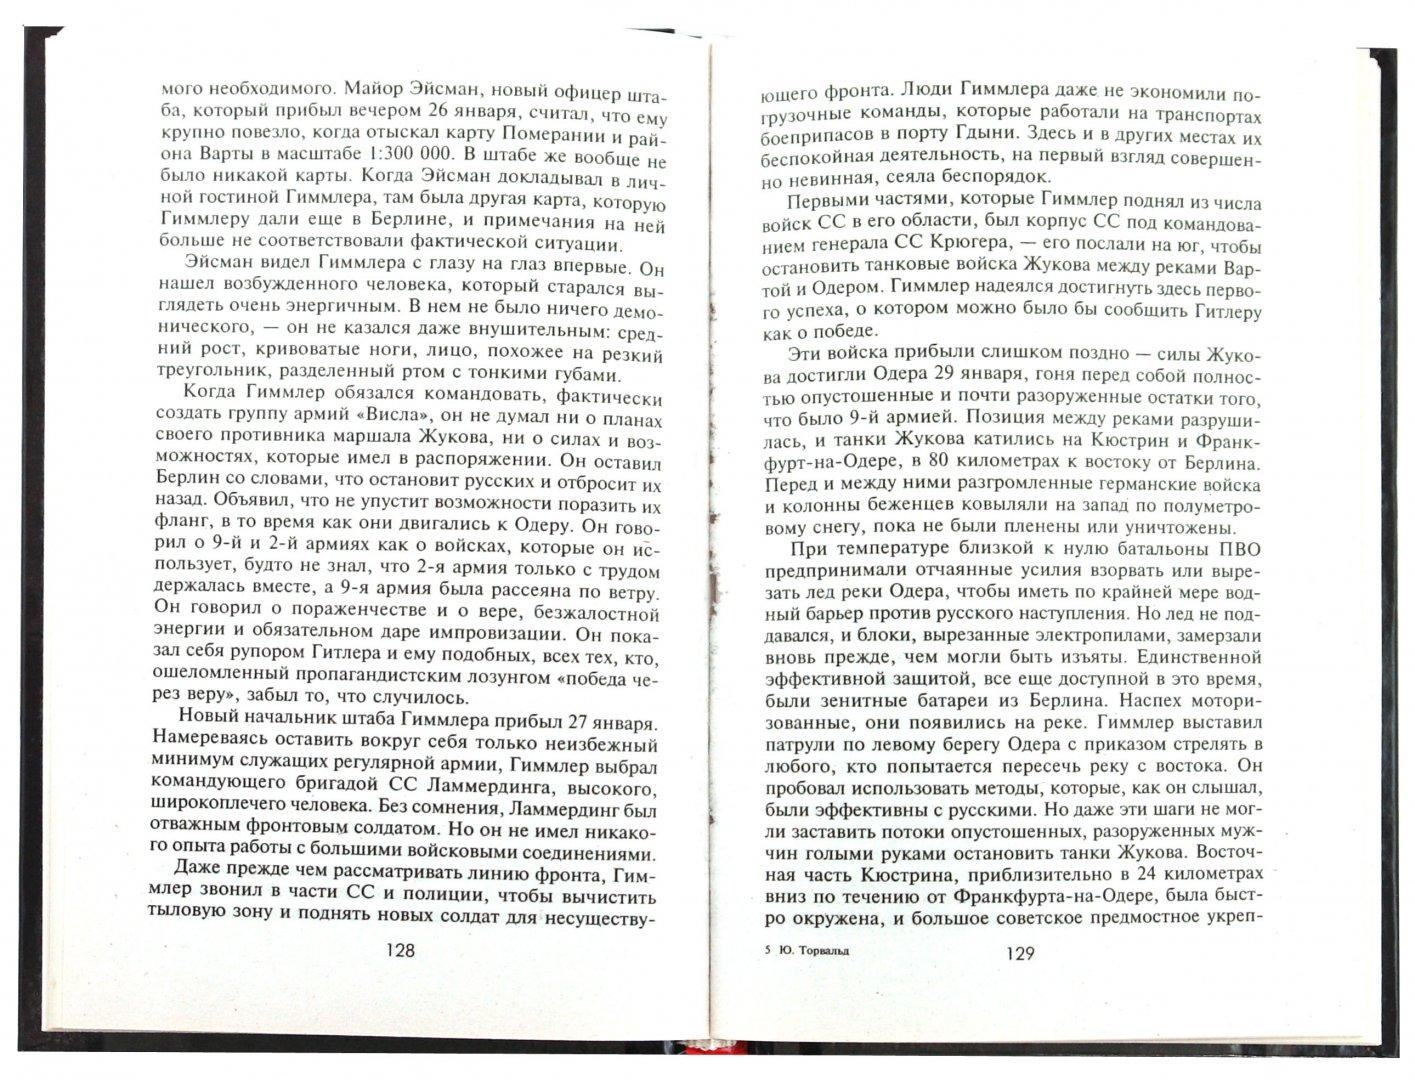 Иллюстрация 1 из 12 для Разгром на востоке. Поражение фашистской Германии 1944-1945 - Юрген Торвальд | Лабиринт - книги. Источник: Лабиринт